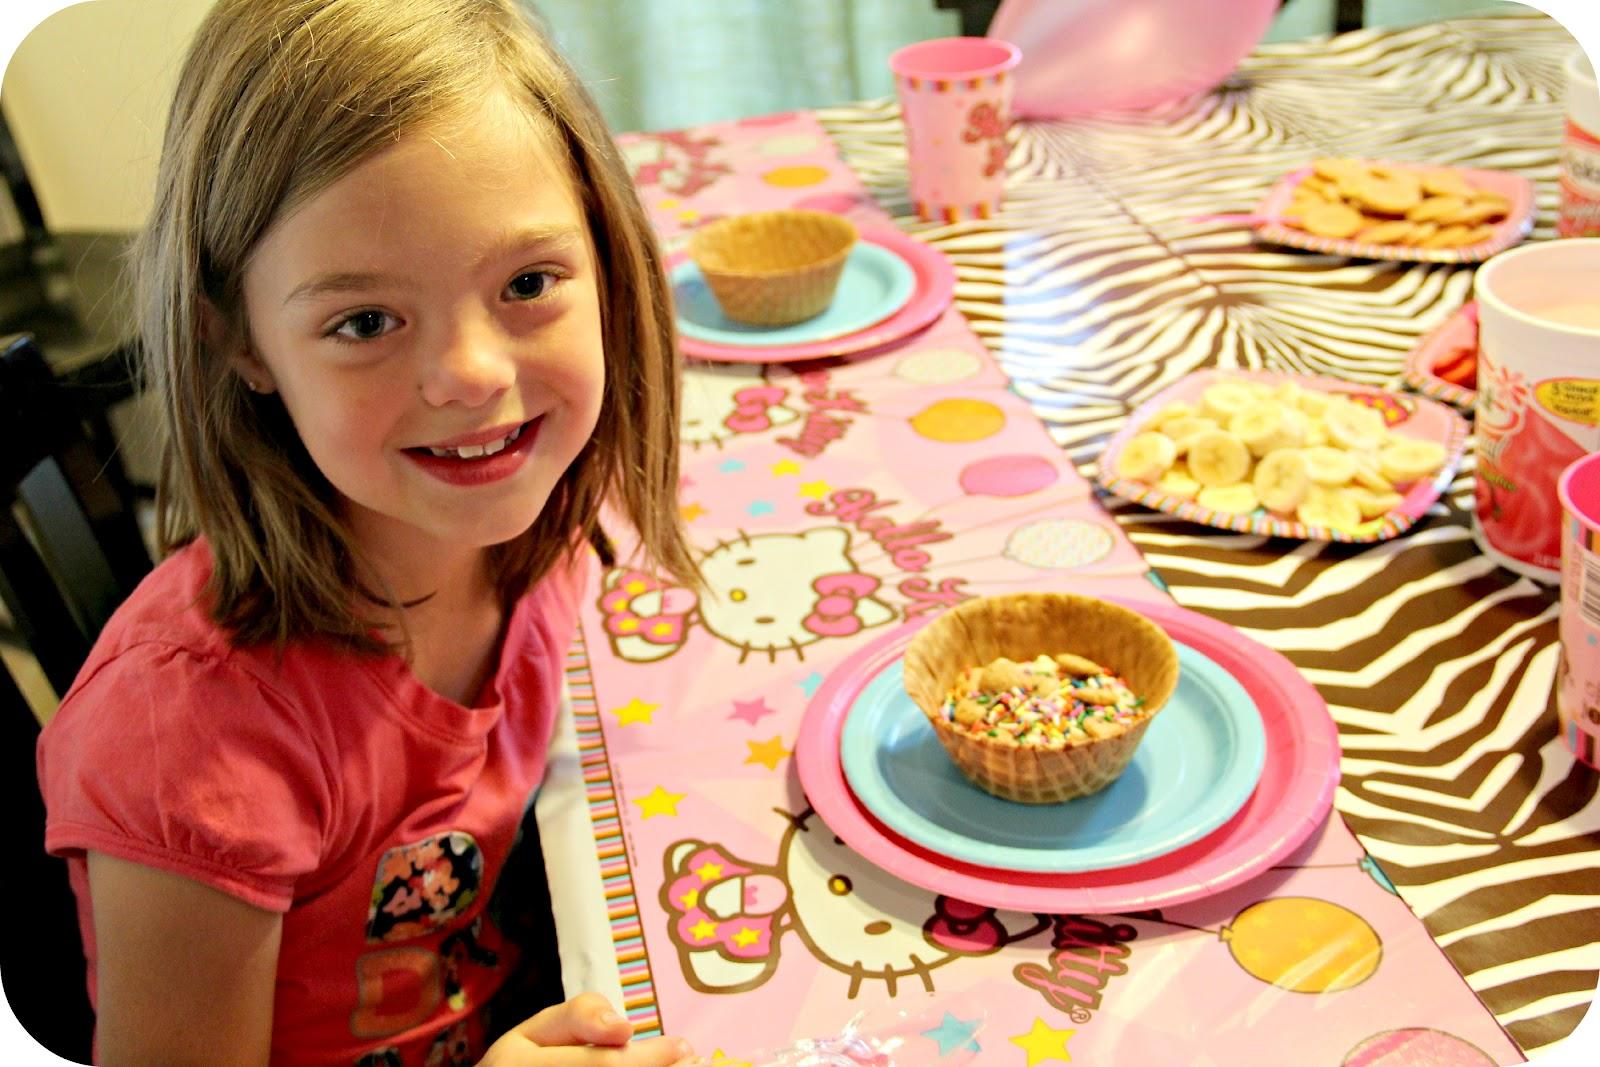 Pretty 7 Year Old Girls Big 7 year old!